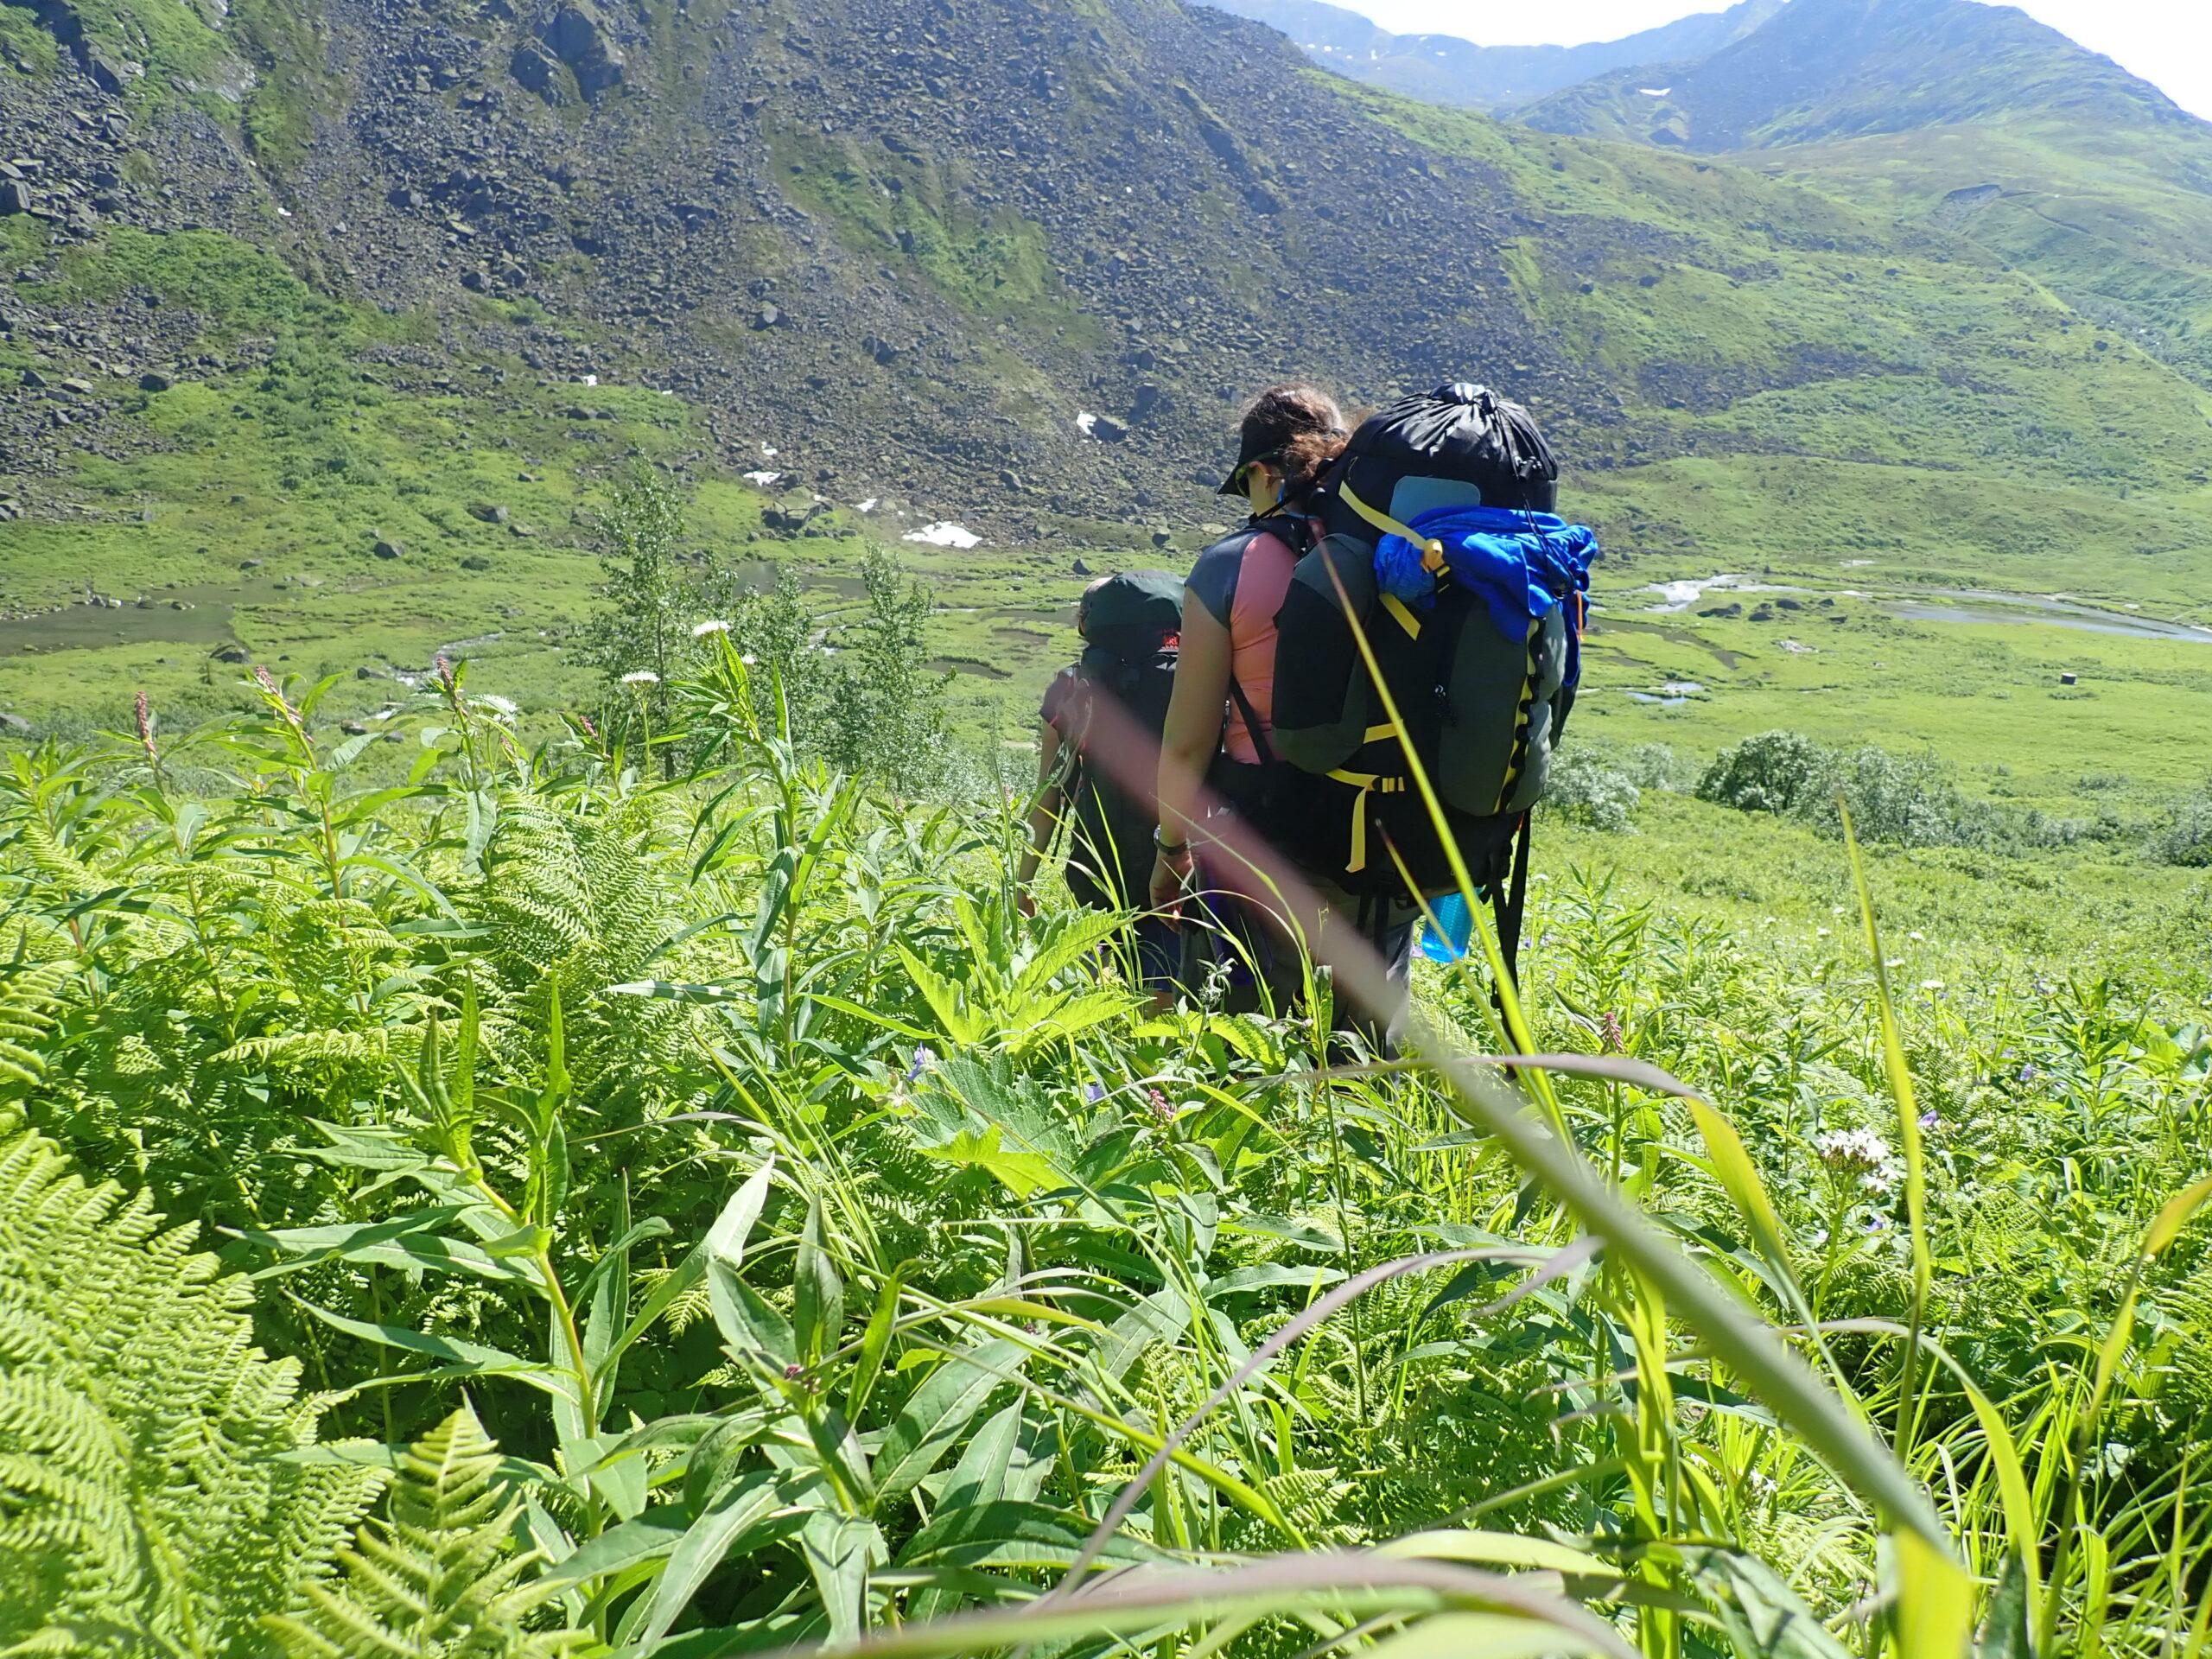 backpackers in green field